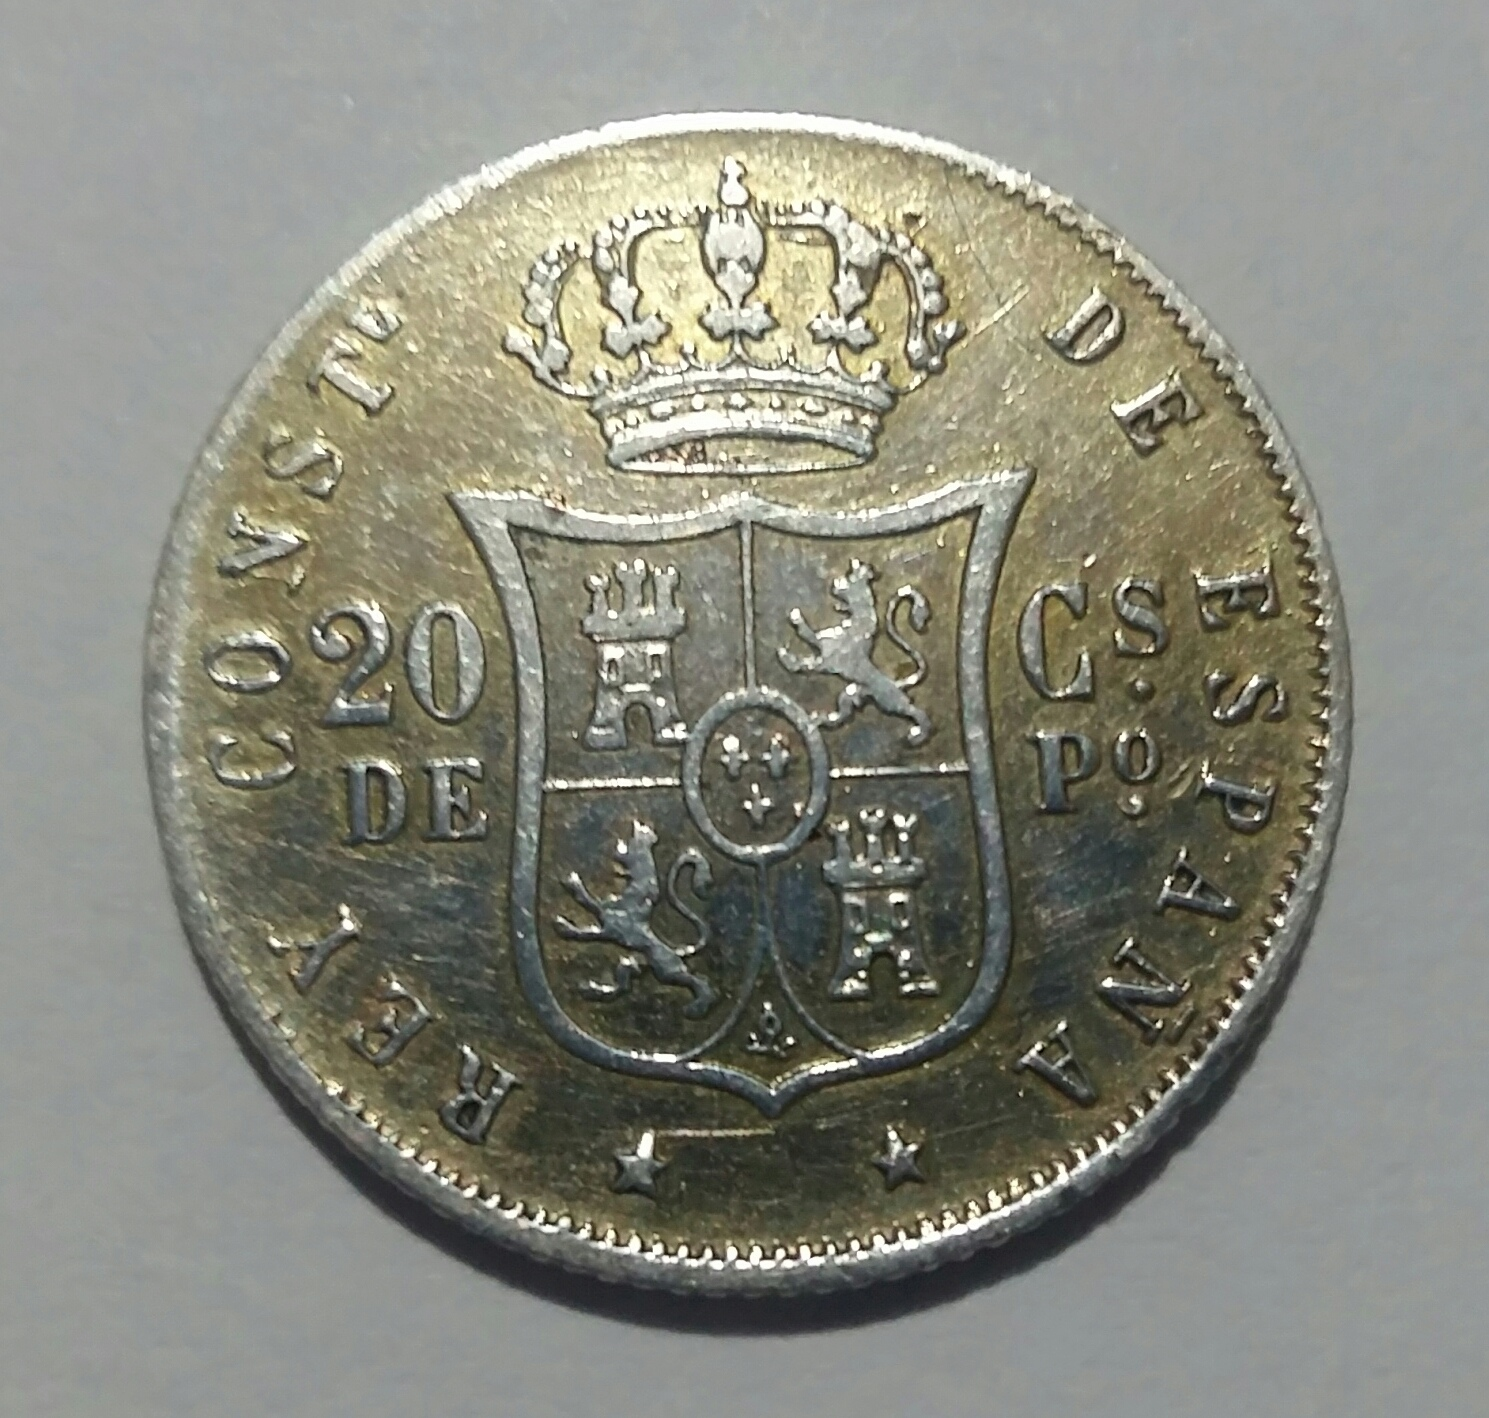 20 Centavos de Peso 1884. Alfonso XII. Manila 20190913